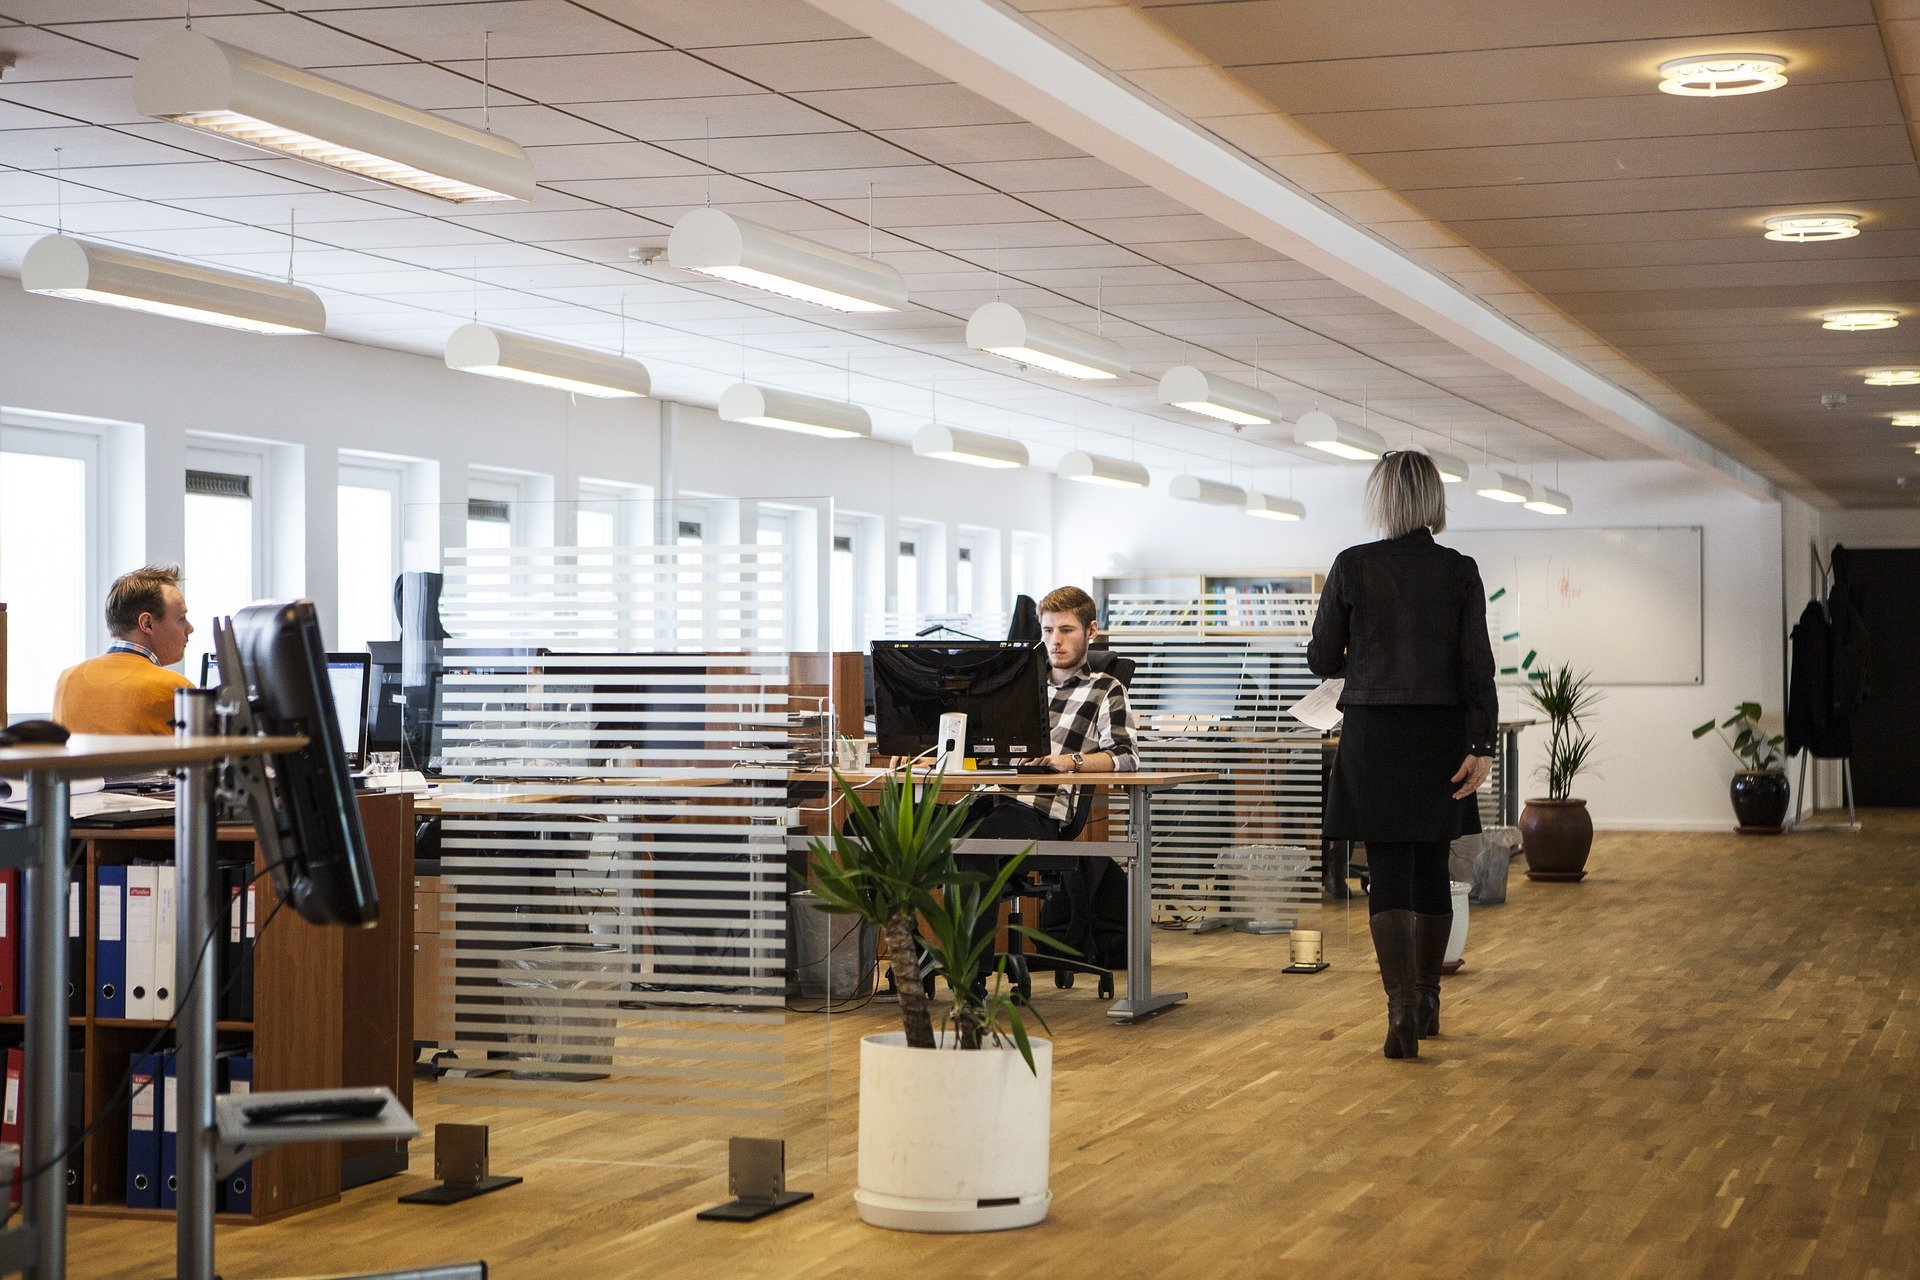 oficina-gente-trabajando